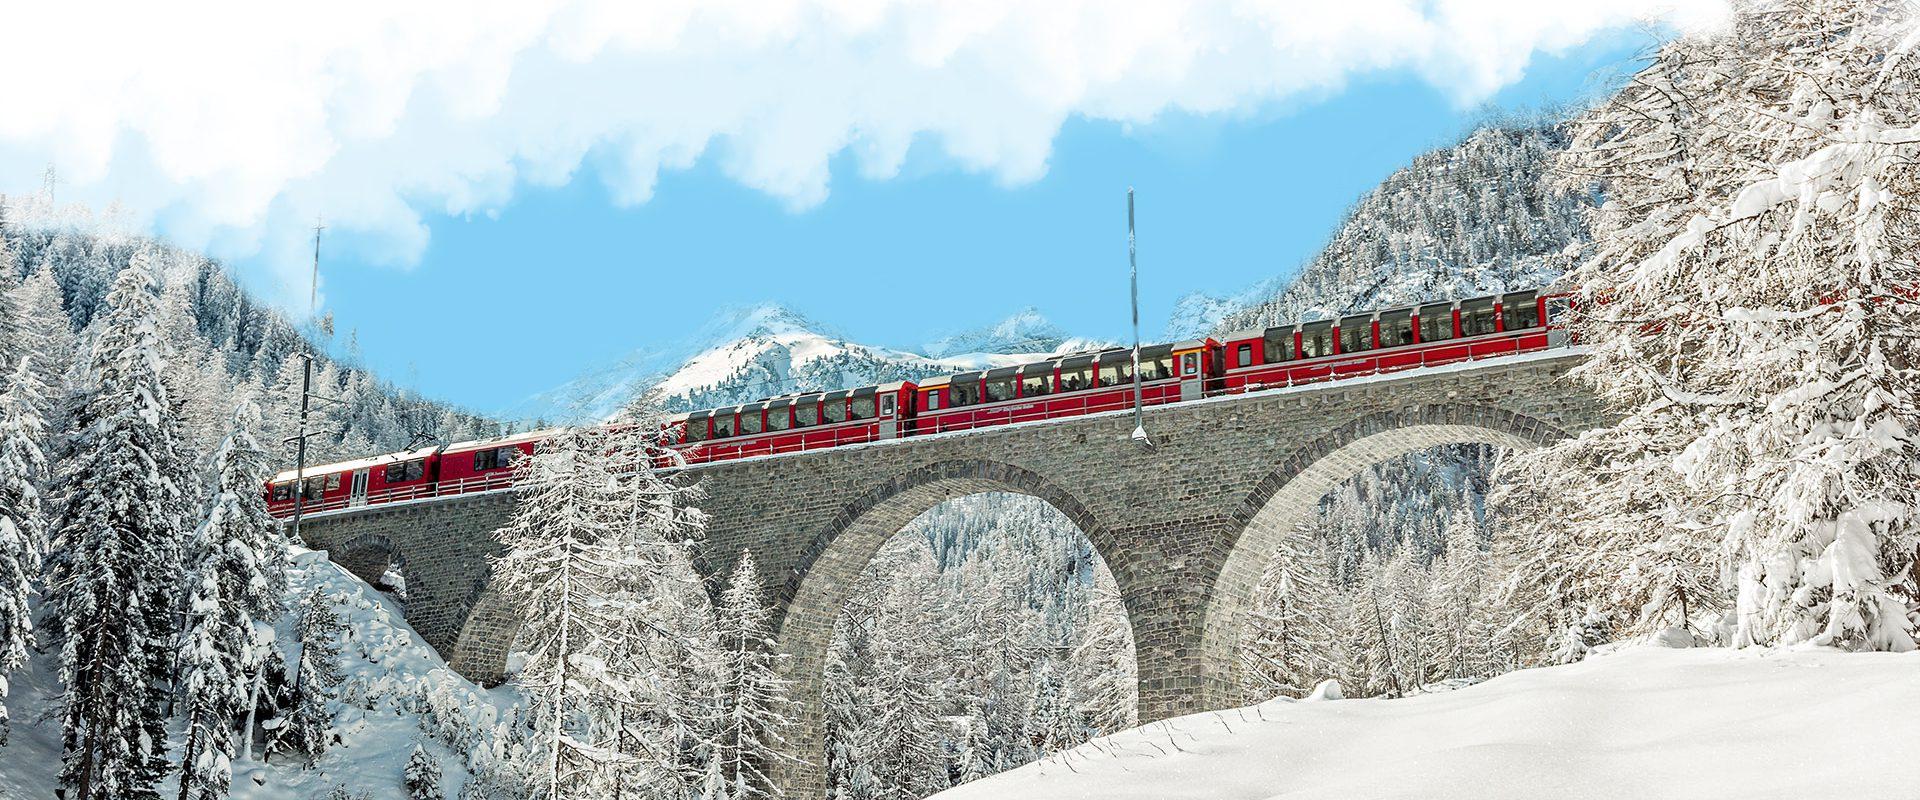 trein GE